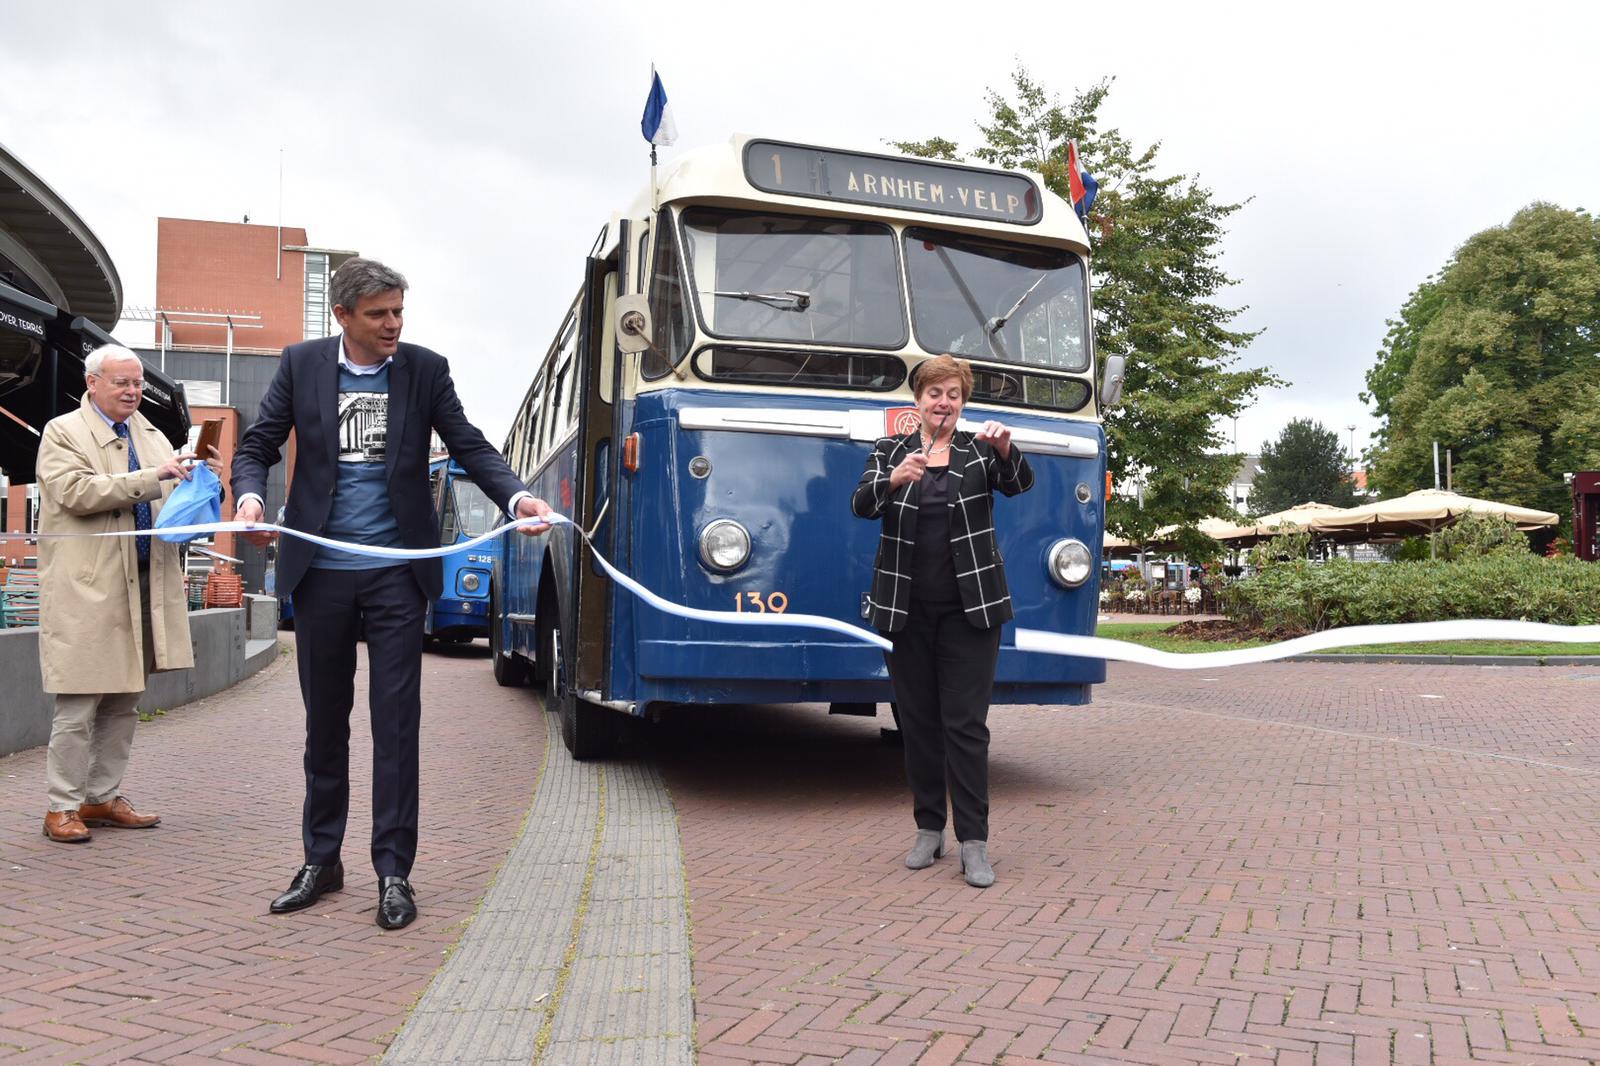 70 jaar trolley in Arnhem Historische trolley rijdt eerste rit opnieuw